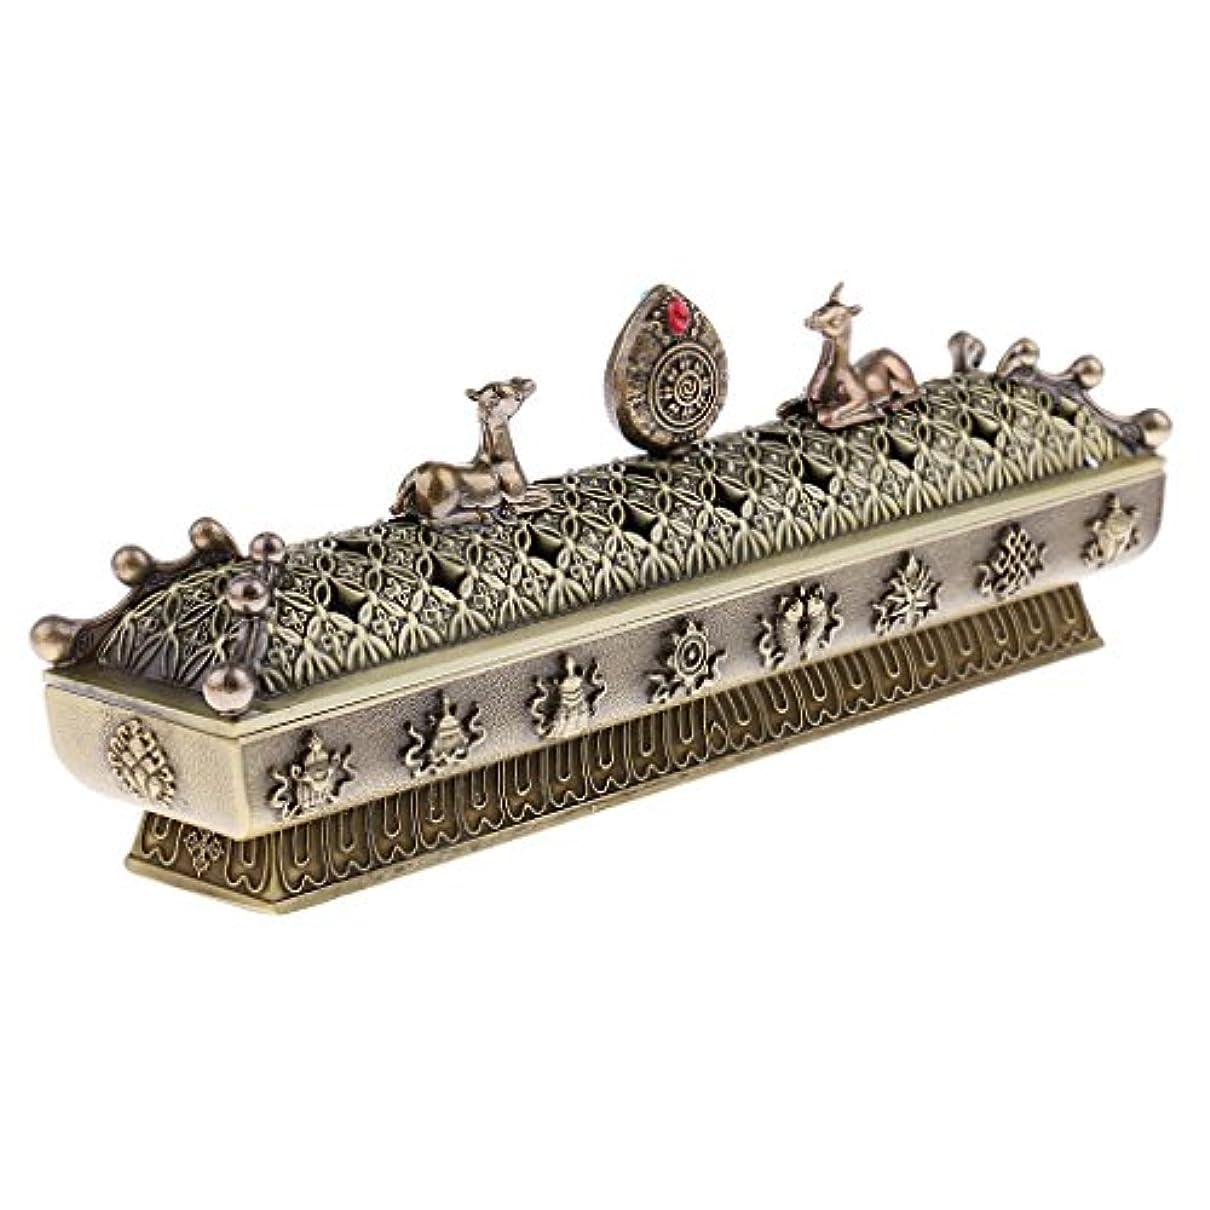 負荷うなり声浸漬SONONIA 仏教 コーン 香りバーナー アッシュキャッチャー 香炉 全3色 - ブロンズ